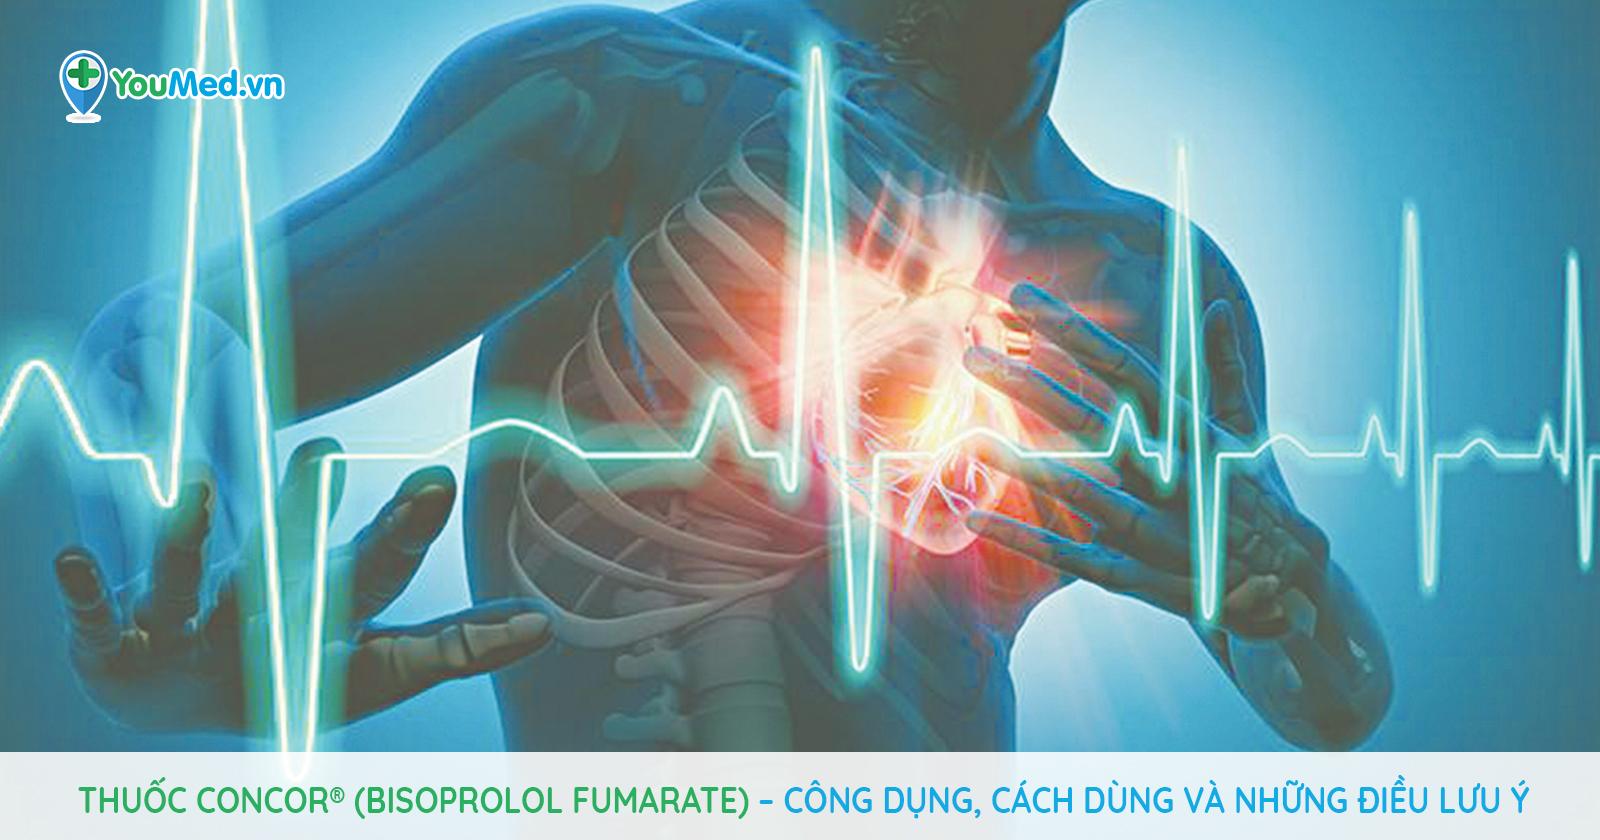 Thuốc Concor® (Bisoprolol fumarate) – Công dụng, cách dùng và những điều lưu ý